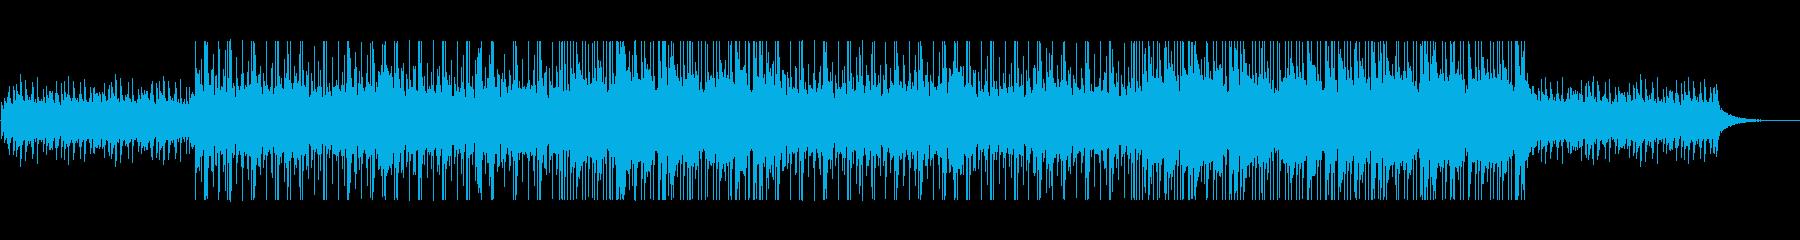 力強くも切ないウエディング系曲記念日にもの再生済みの波形